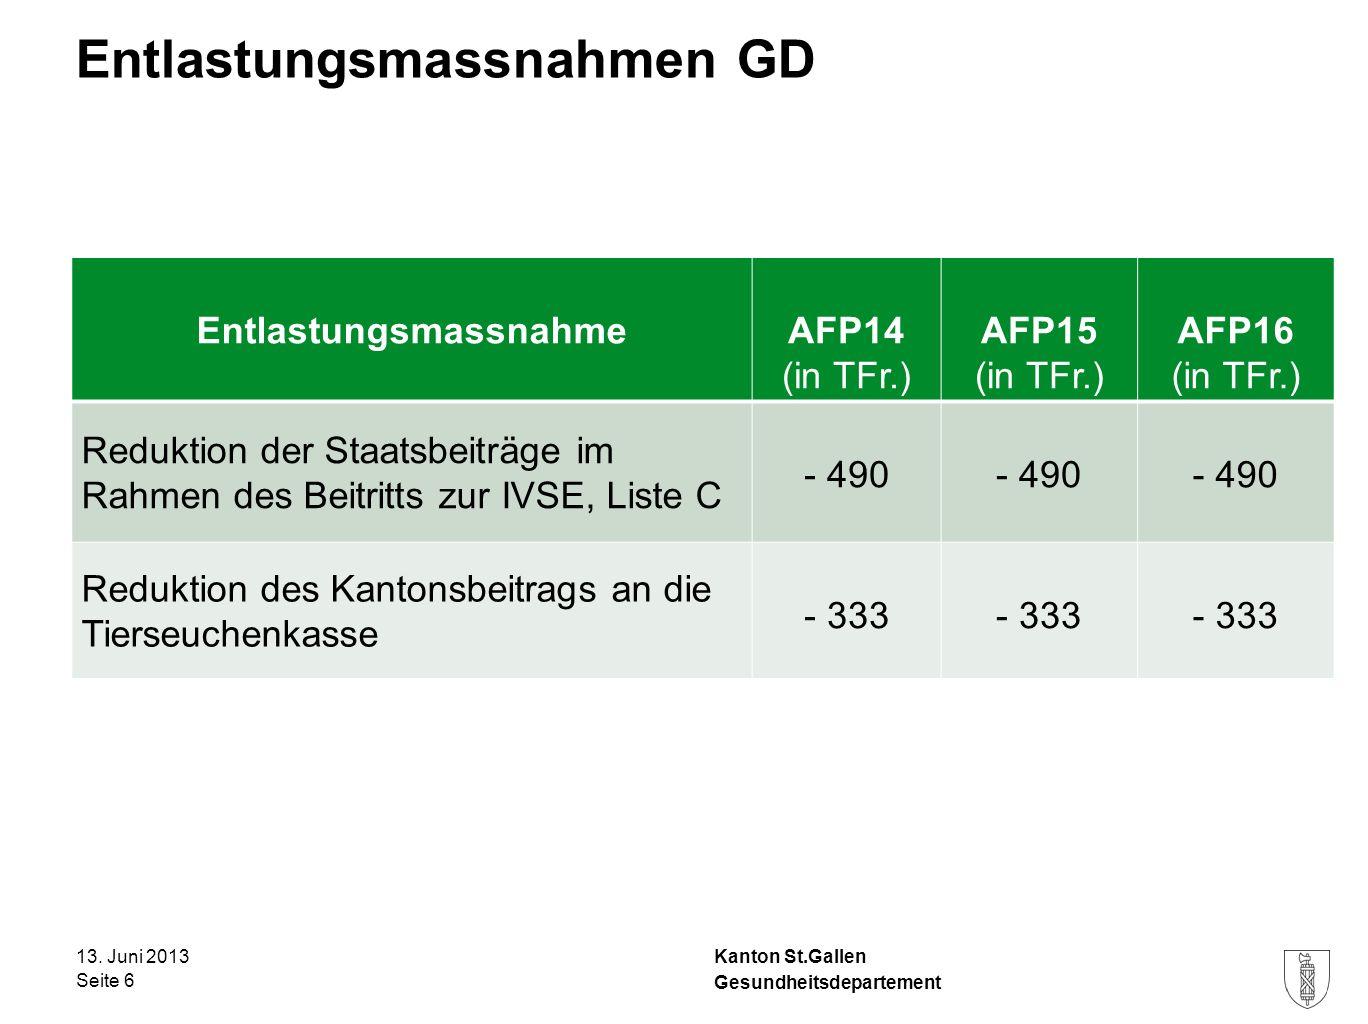 Kanton St.Gallen Residual: Anteil GD Gesundheitsdepartement Seite 7 Entlastungsmassnahme Entlastung für den kantonalen Haushalt gegenüber AFP 14-16 AFP14 (in TFr.) AFP15 (in TFr.) AFP16 (in TFr.) Effizienz- und Produktivitätssteigerungen innerhalb der kantonalen Verwaltung -- 2 500 Ab der Erstellung des Budgets 2015 müssen über alle Departemente zusätzlich 10 Mio.